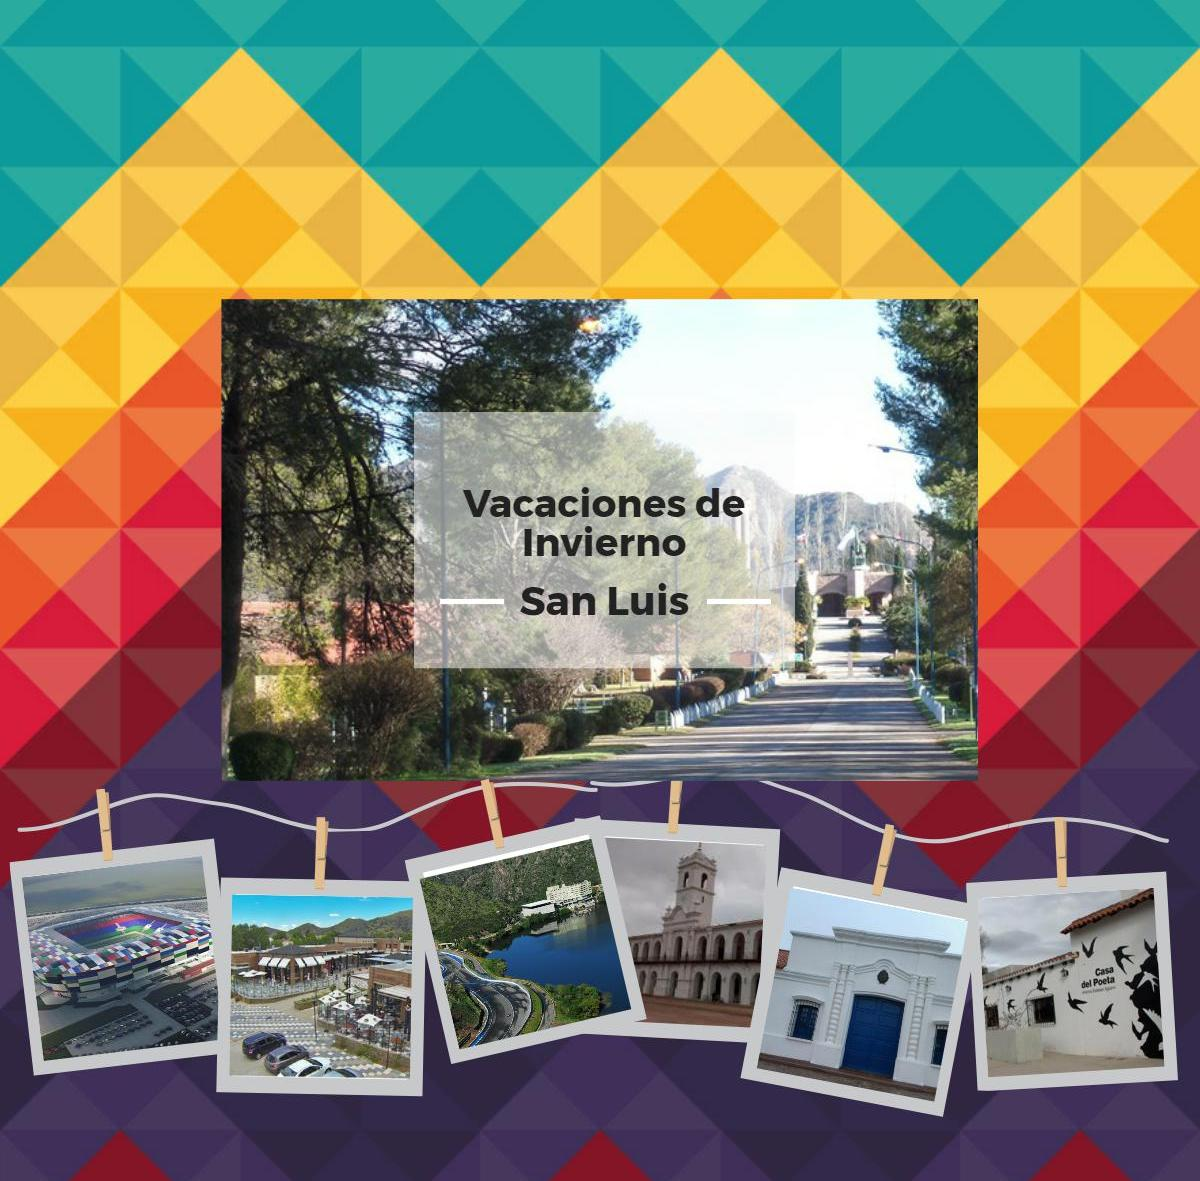 Agenda Cultural: vacaciones de invierno en San Luis